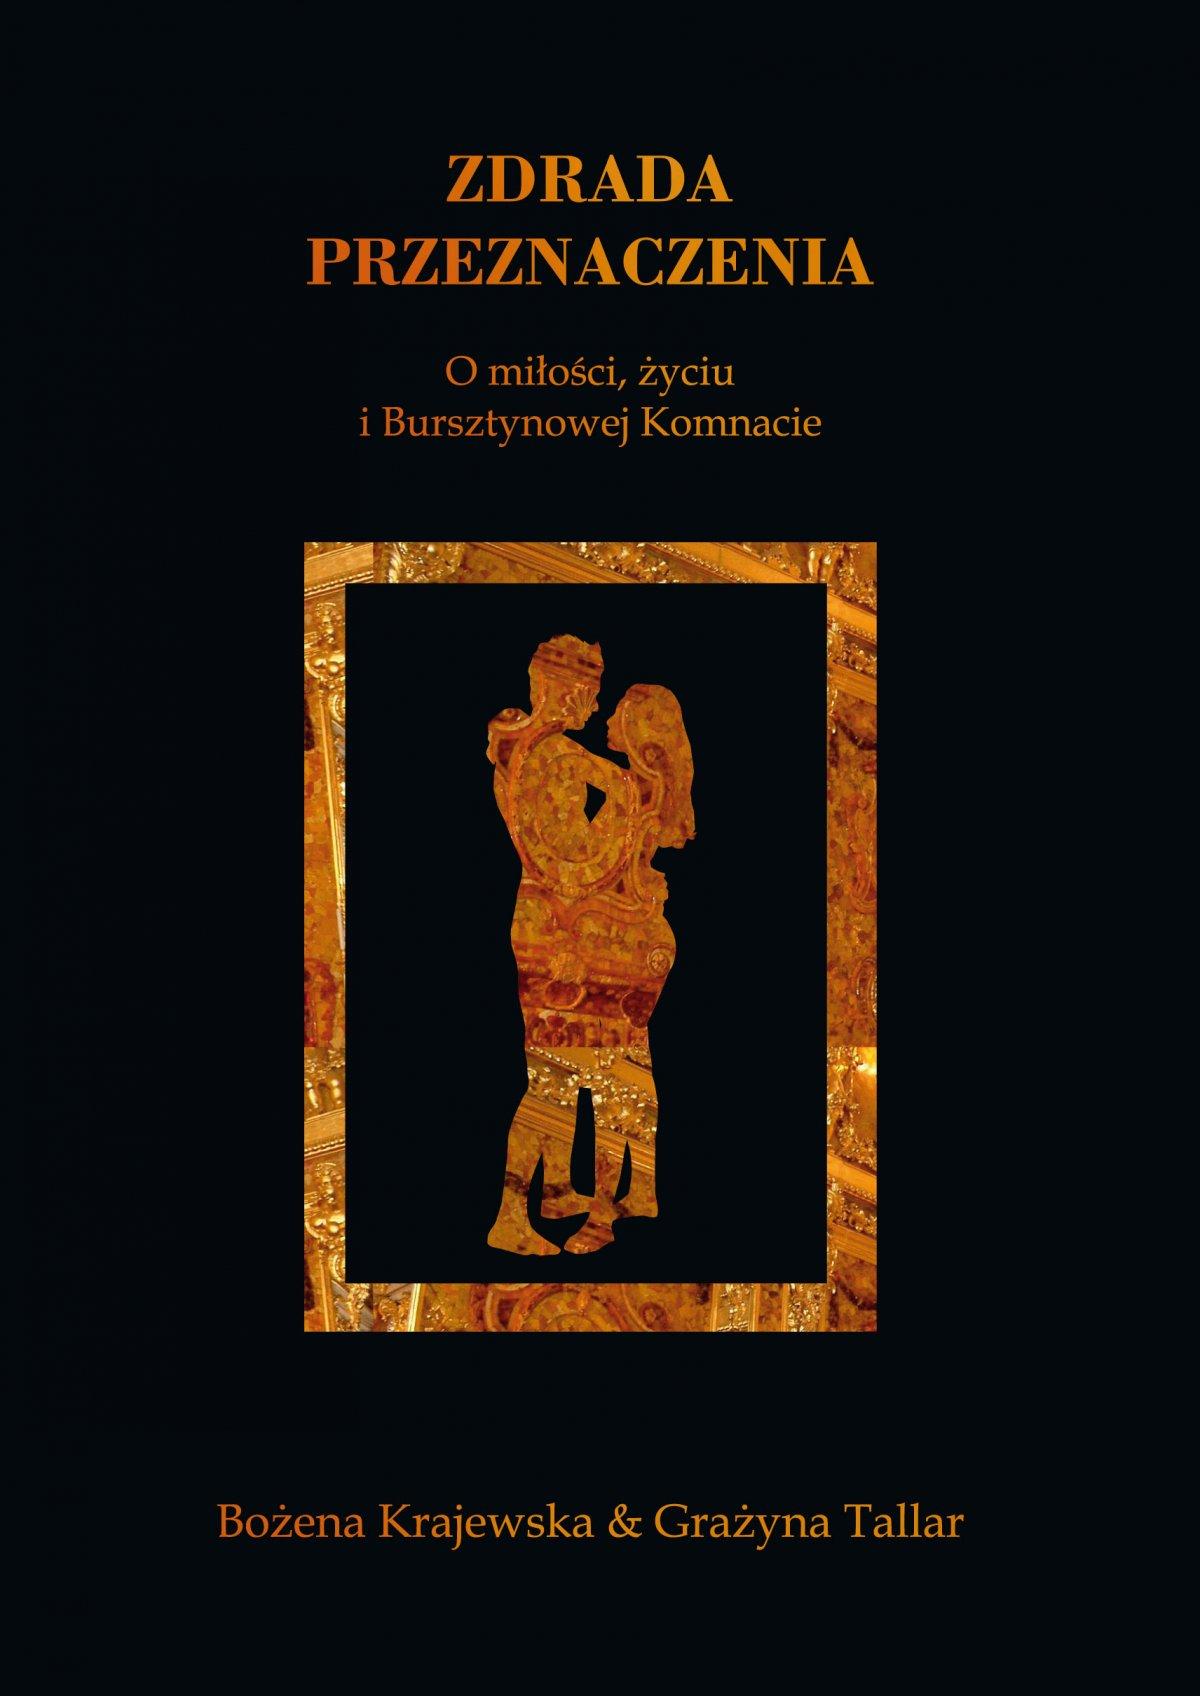 Zdrada przeznaczenia. O miłości, życiu i Bursztynowej Komnacie - Ebook (Książka na Kindle) do pobrania w formacie MOBI